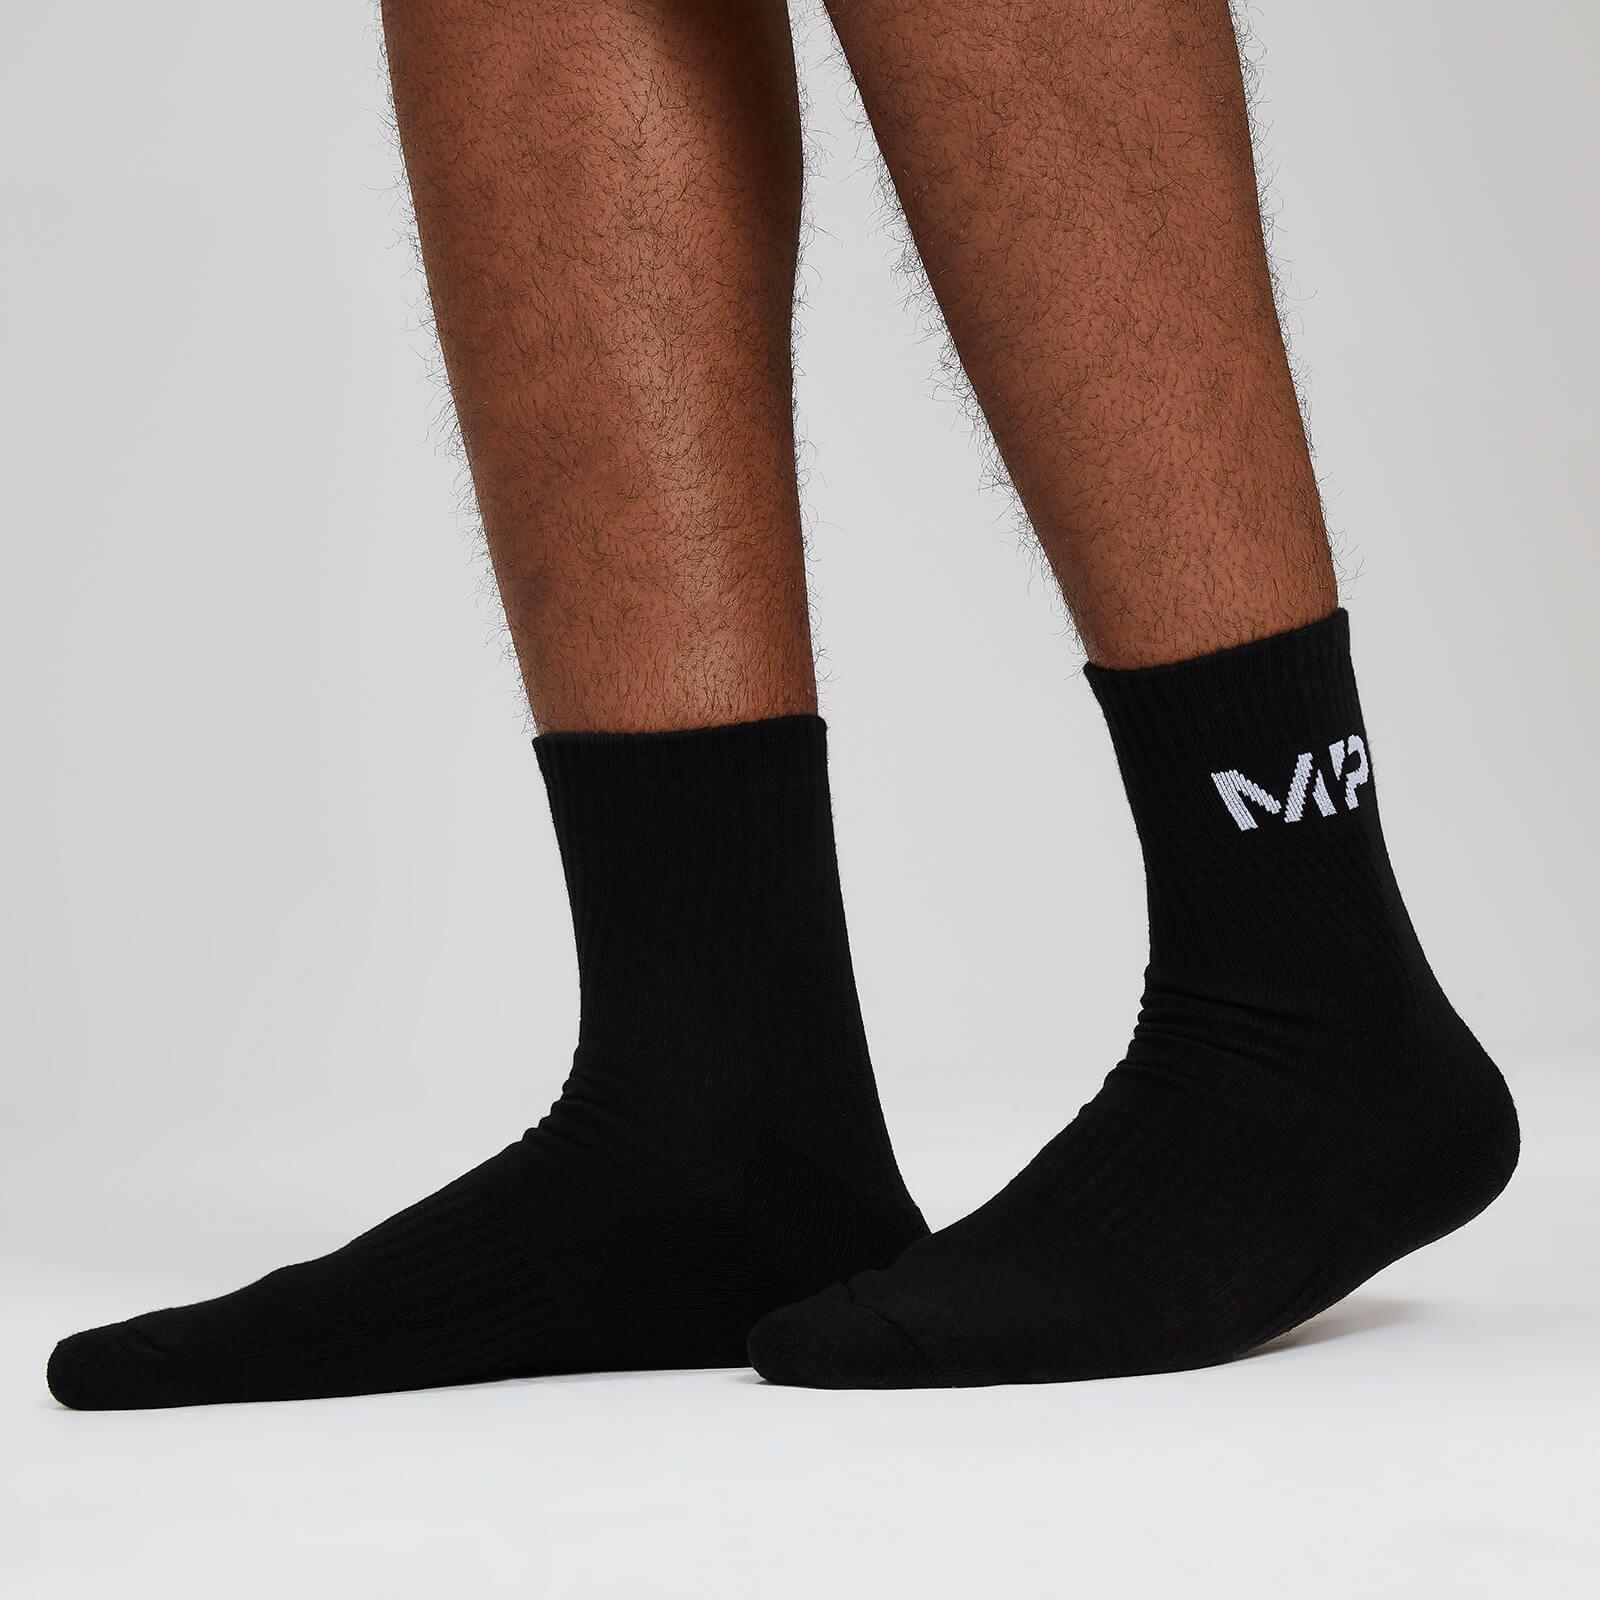 Myprotein MP Essentials Men's Crew Socks - Black (2 Pack) - UK 9-12